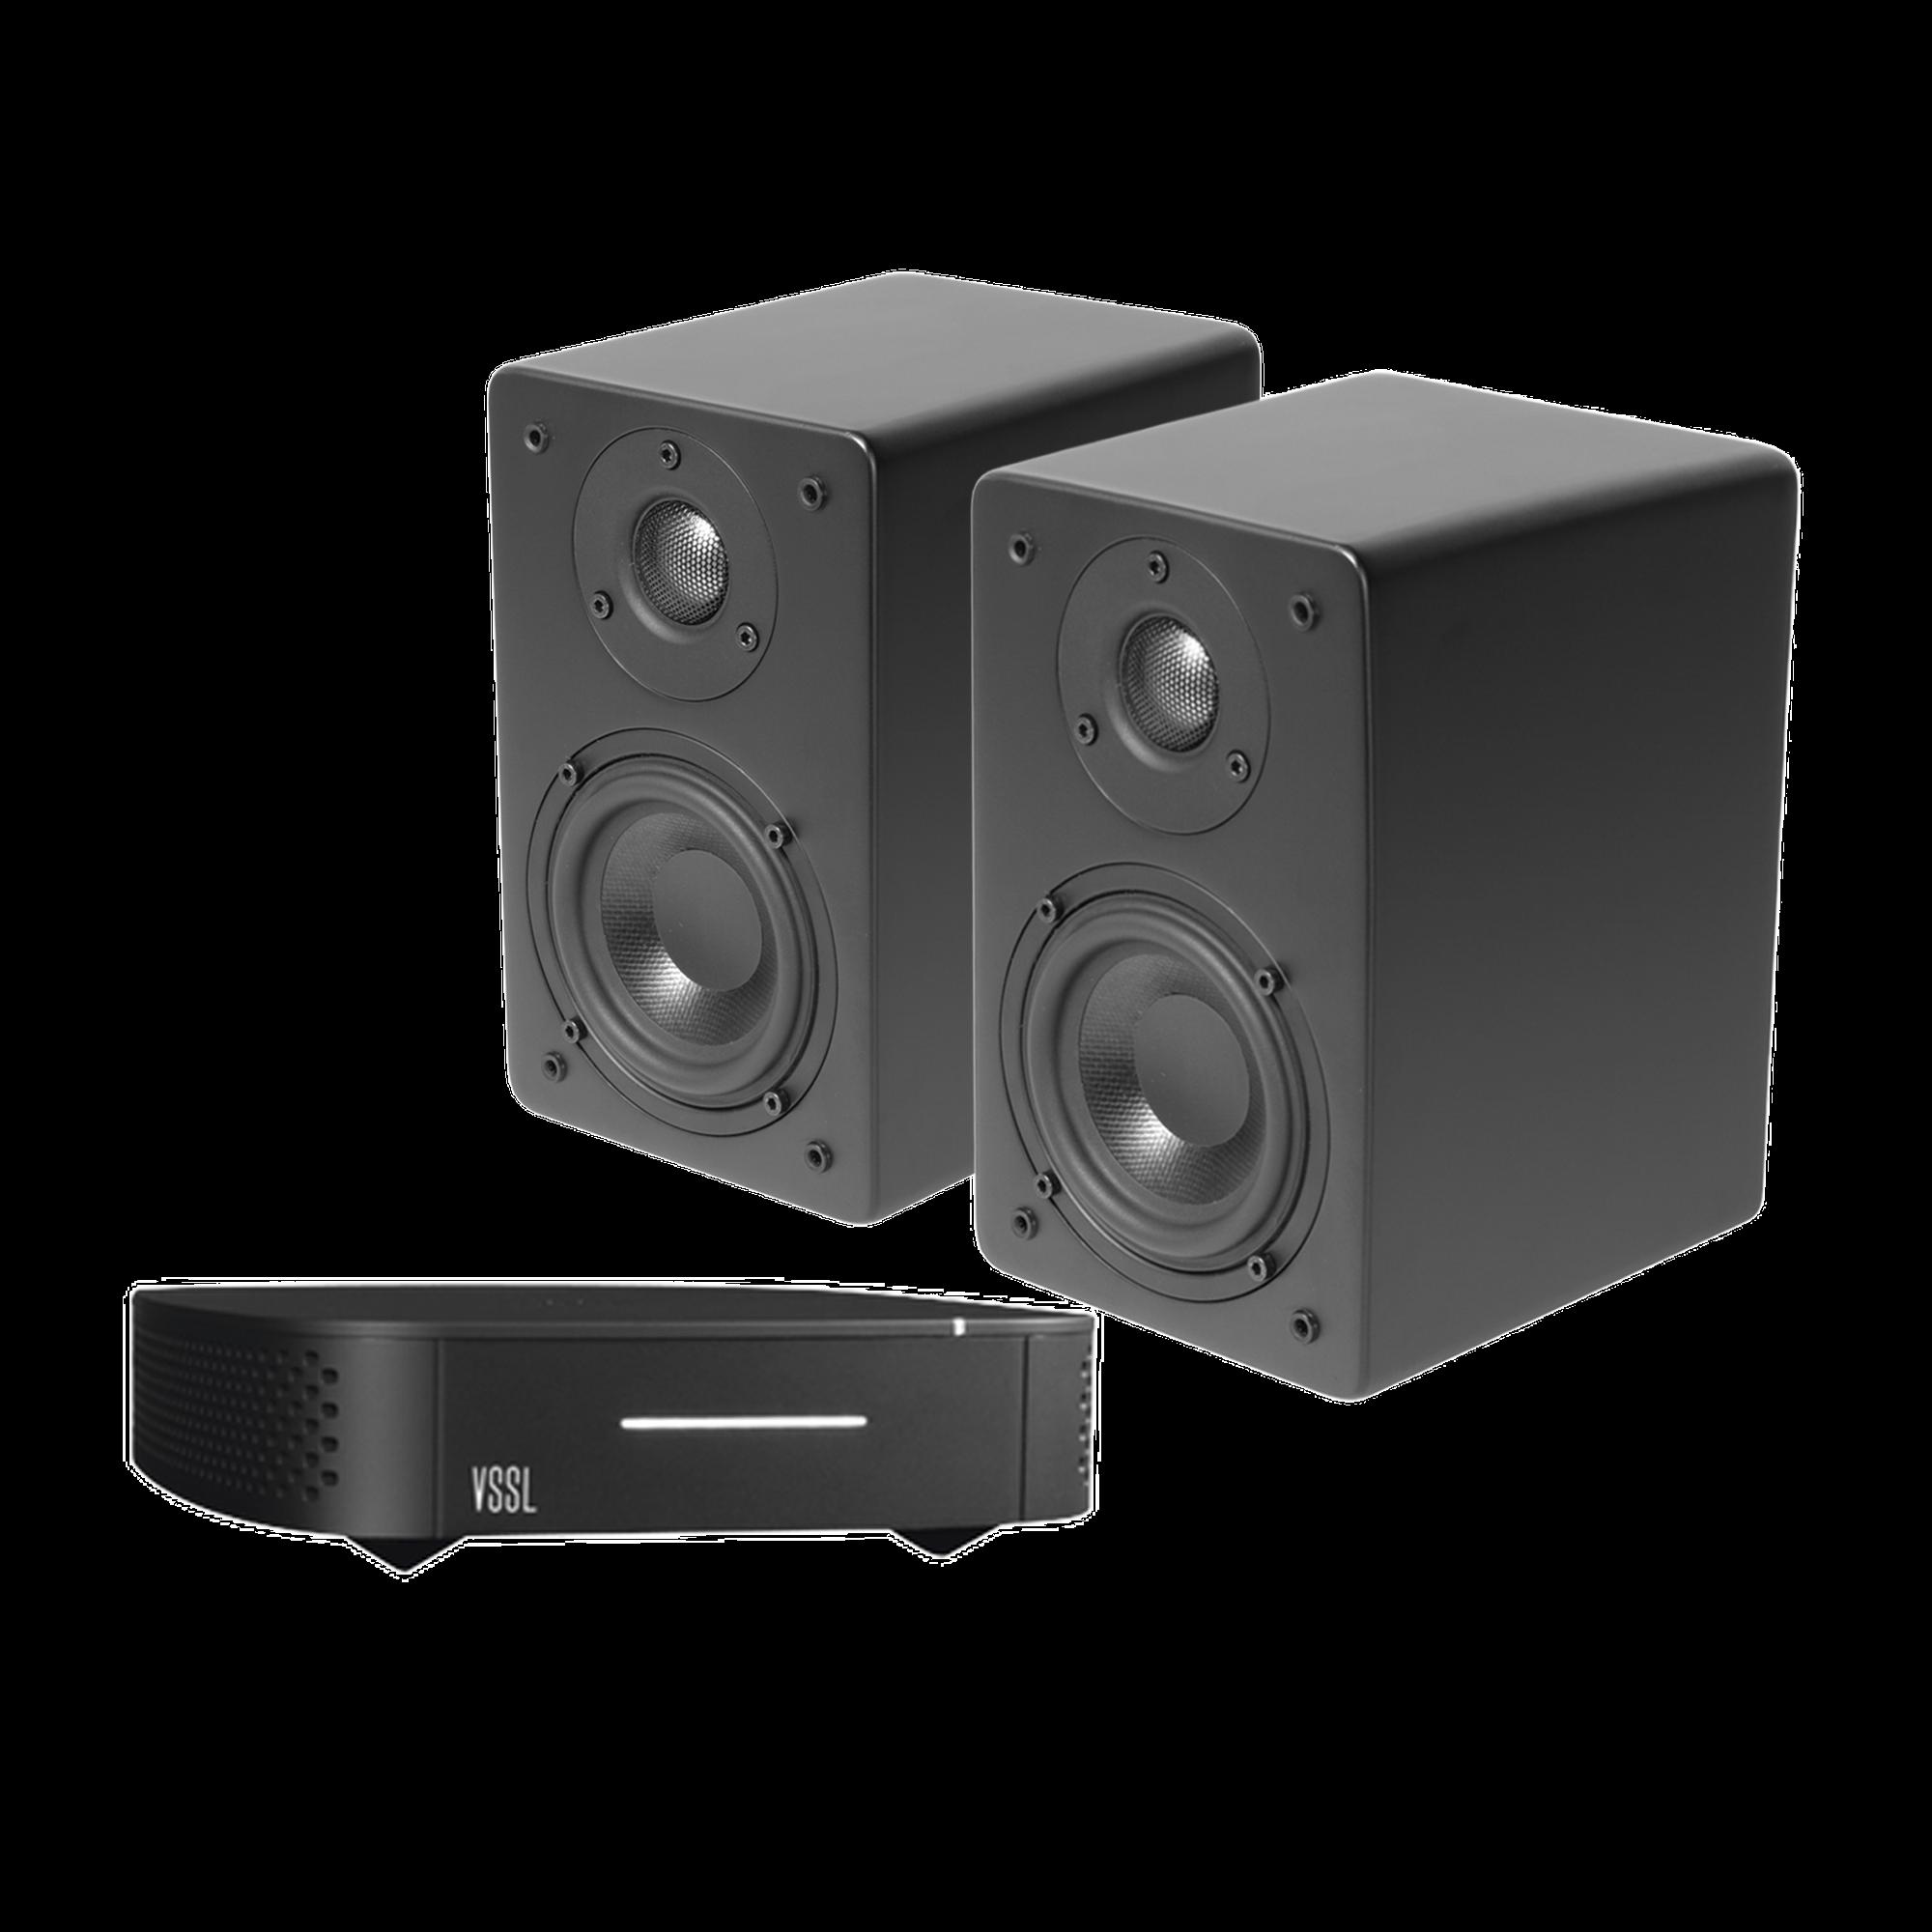 Kit Amplificador VSSL de 1 Zona + Altavoz De Estantería Color Negro De TruAudio